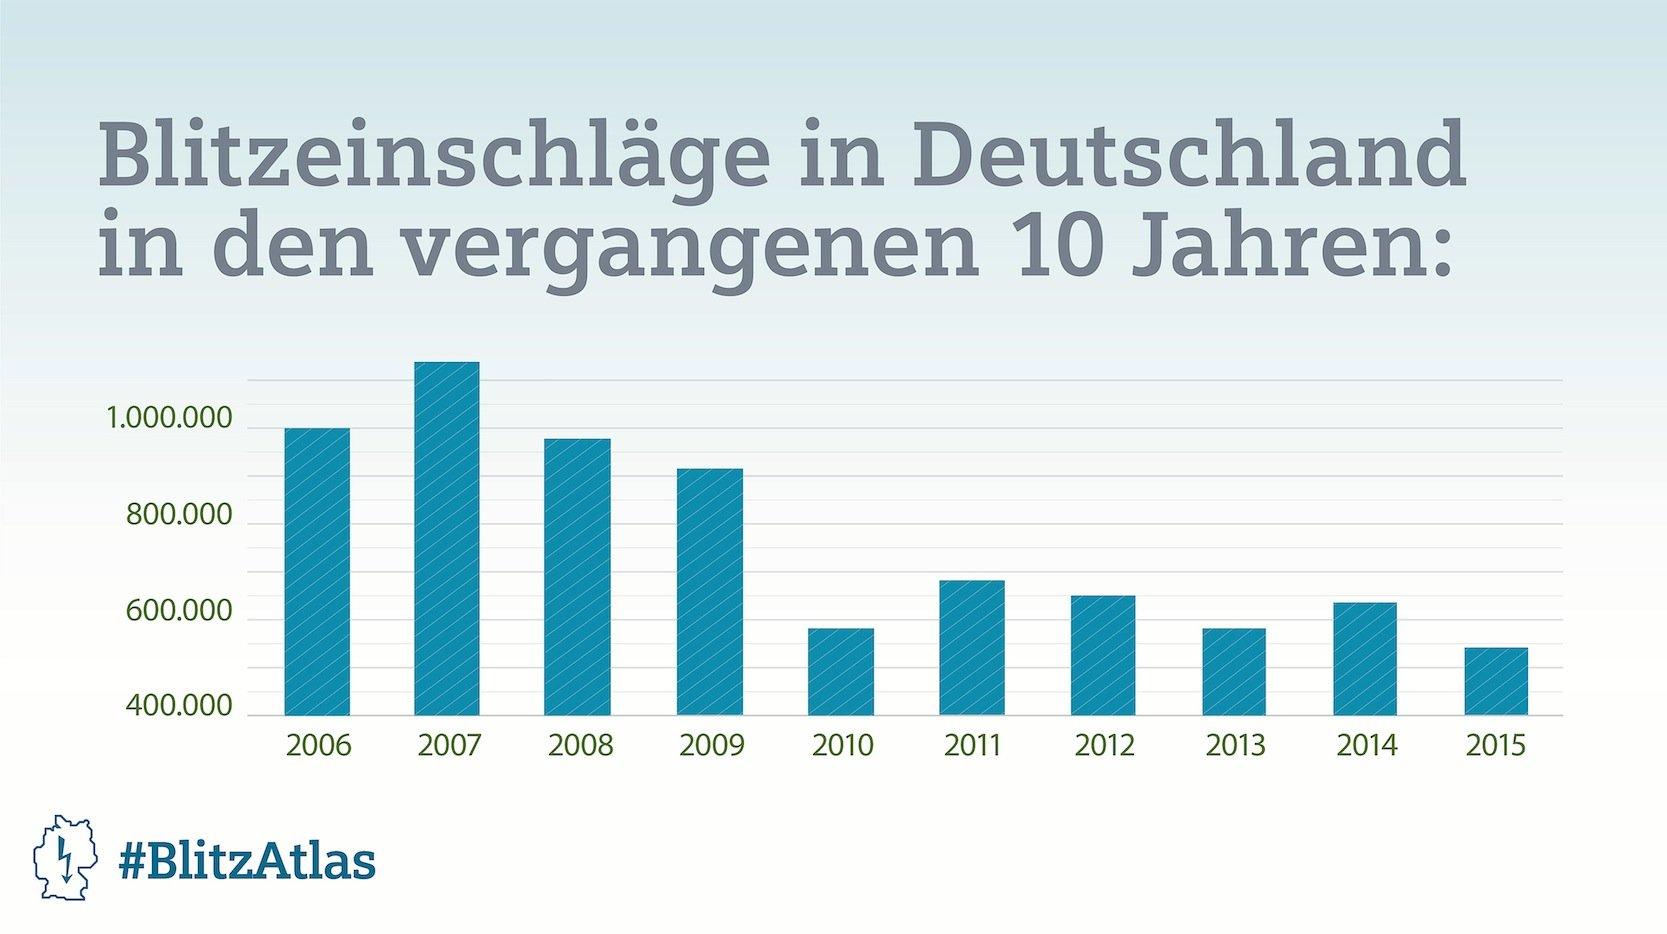 Die Zahl der Blitze ist in den vergangenen zehn Jahren stark rückläufig. Den Höhepunkt gab es 2007.